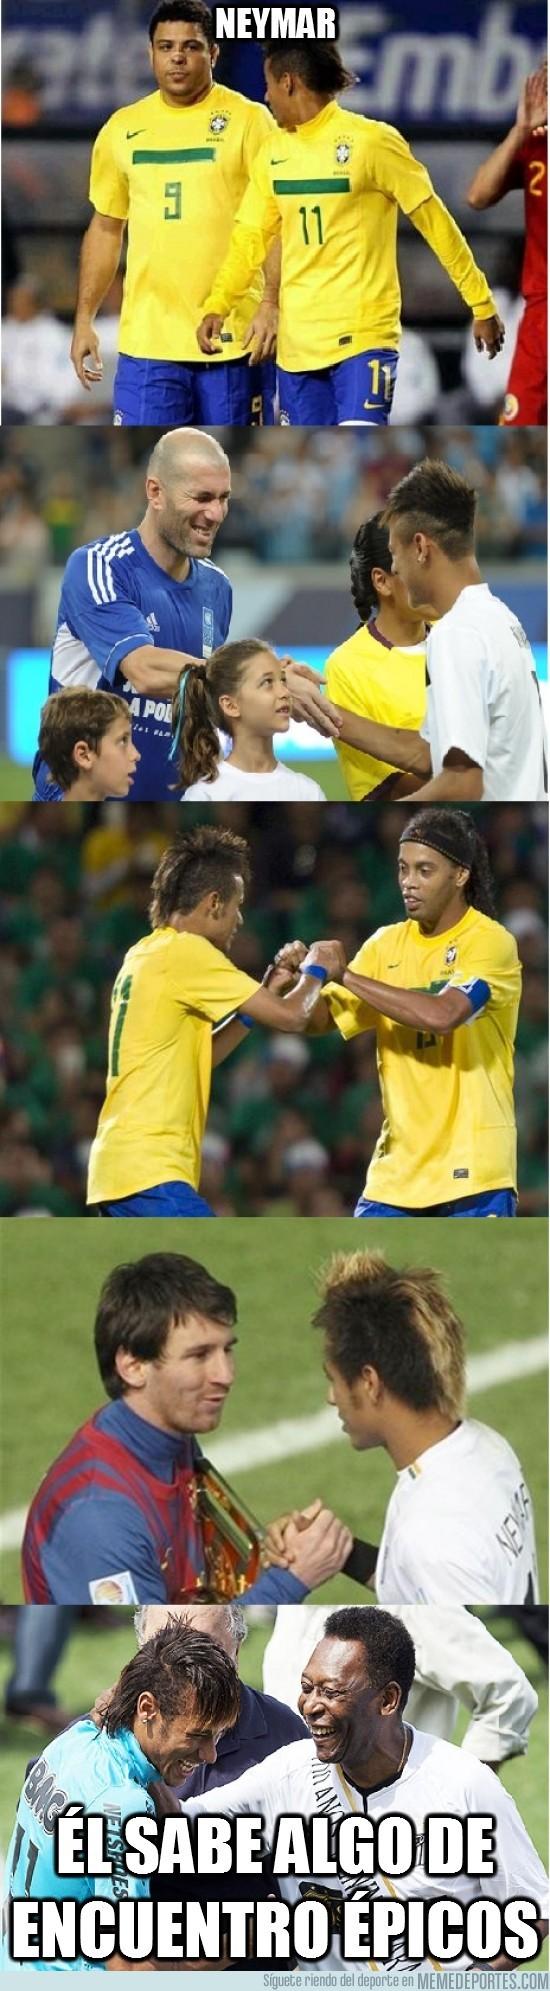 82729 - Neymar y sus encuentros épicos